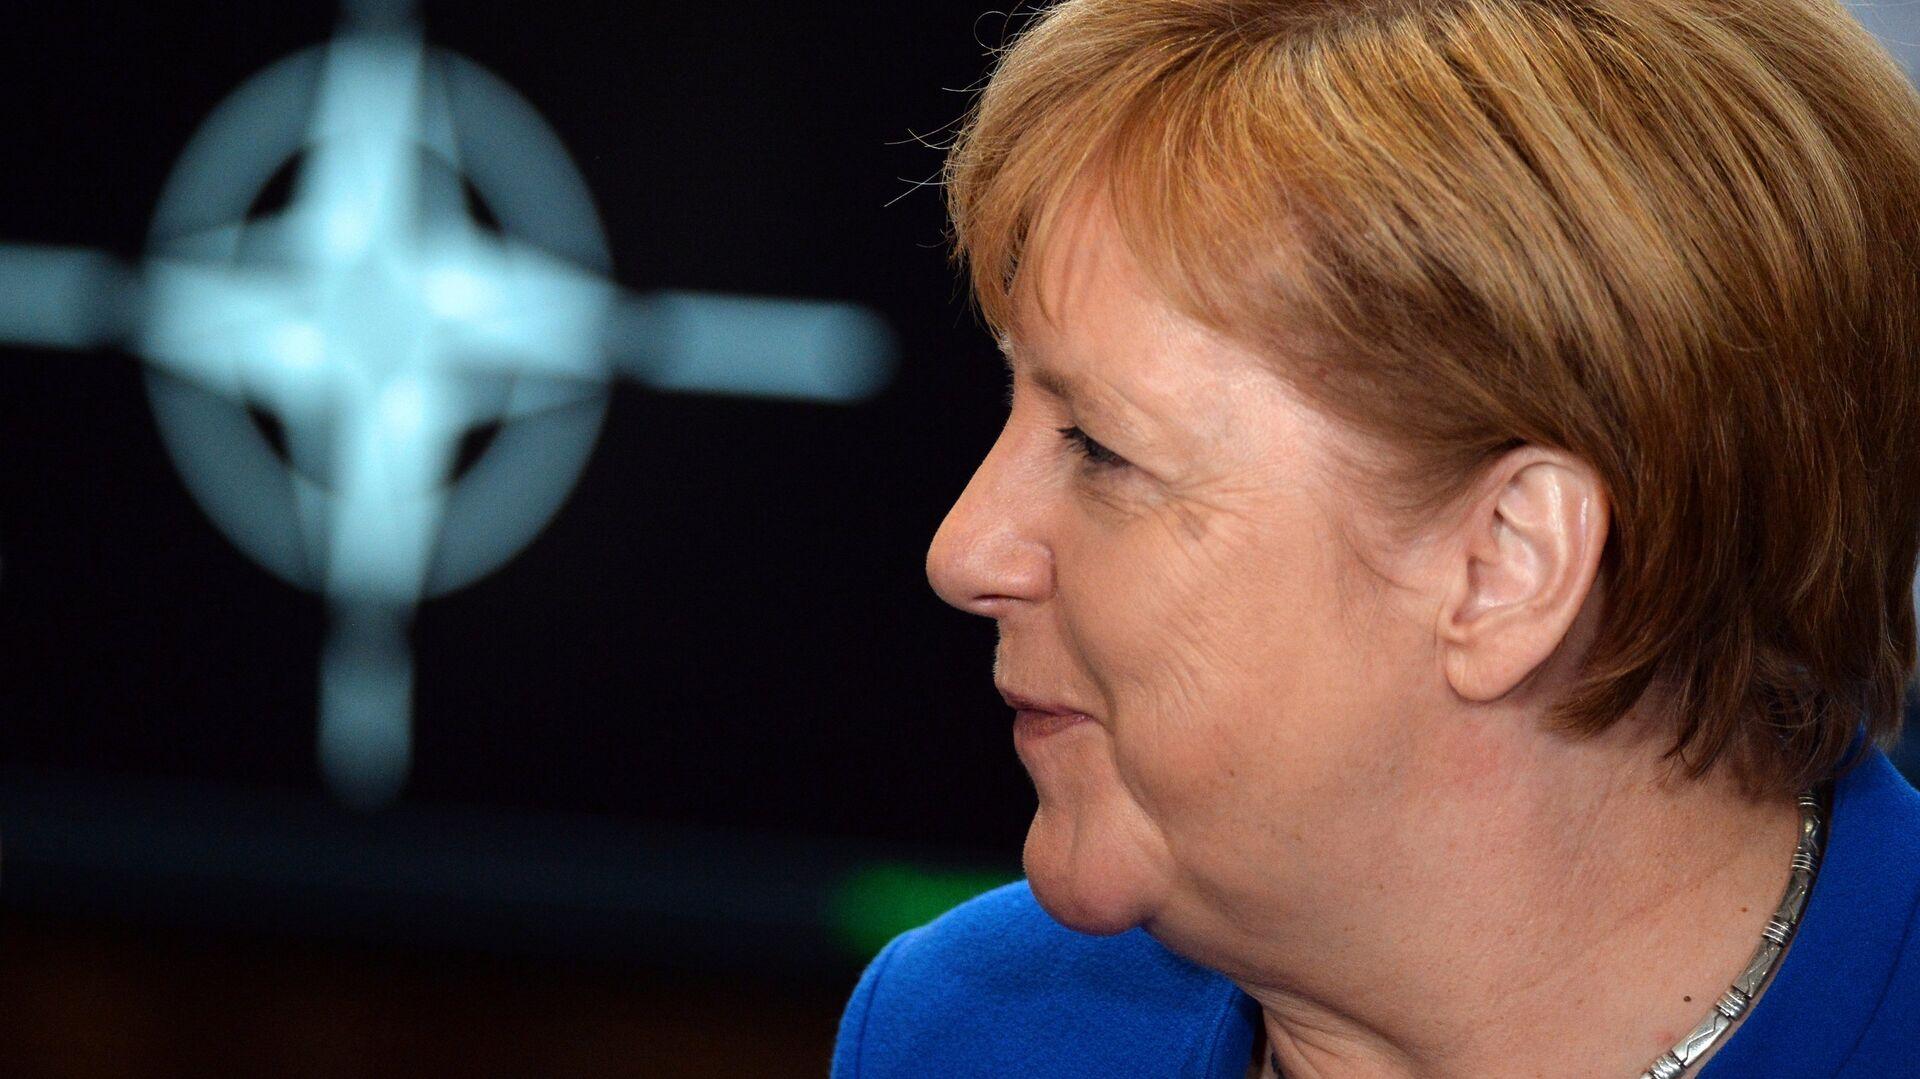 Канцлер Германии Ангела Меркель на саммите НАТО в Брюсселе. 11 июля 2018 - РИА Новости, 1920, 11.09.2021